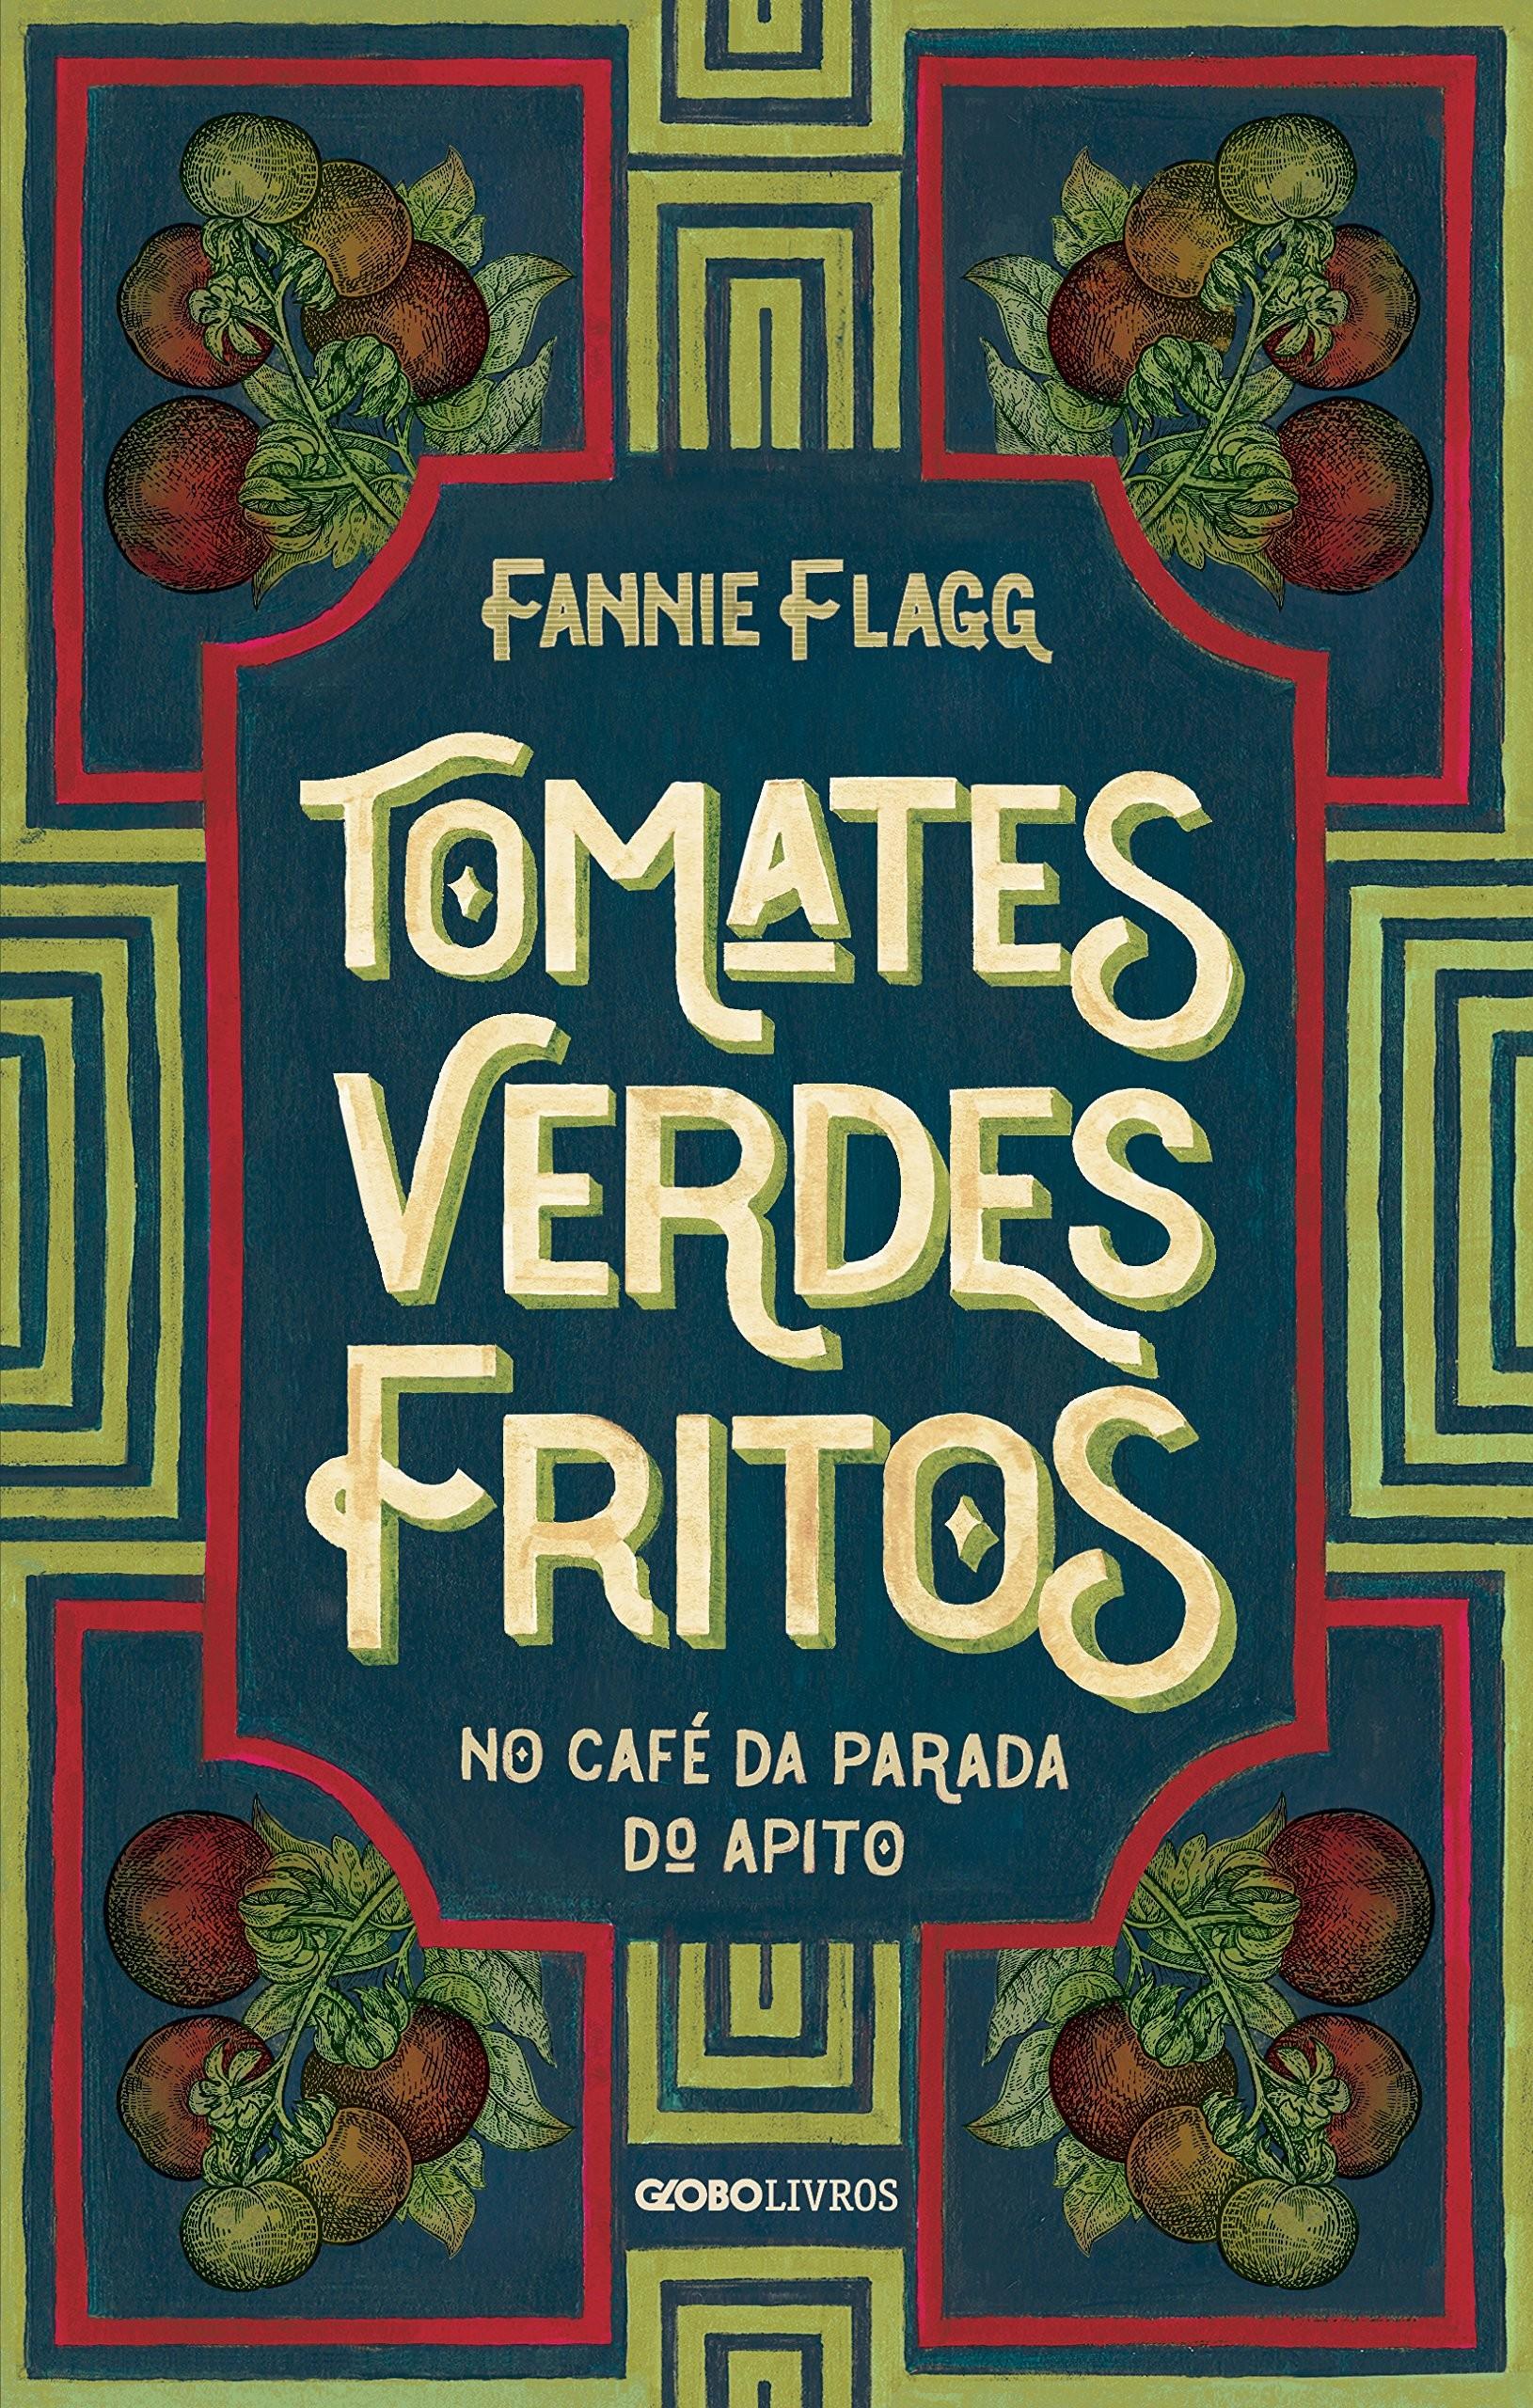 Tomates Verdes Fritos, de Fannie Flagg (Foto: Divulgação)